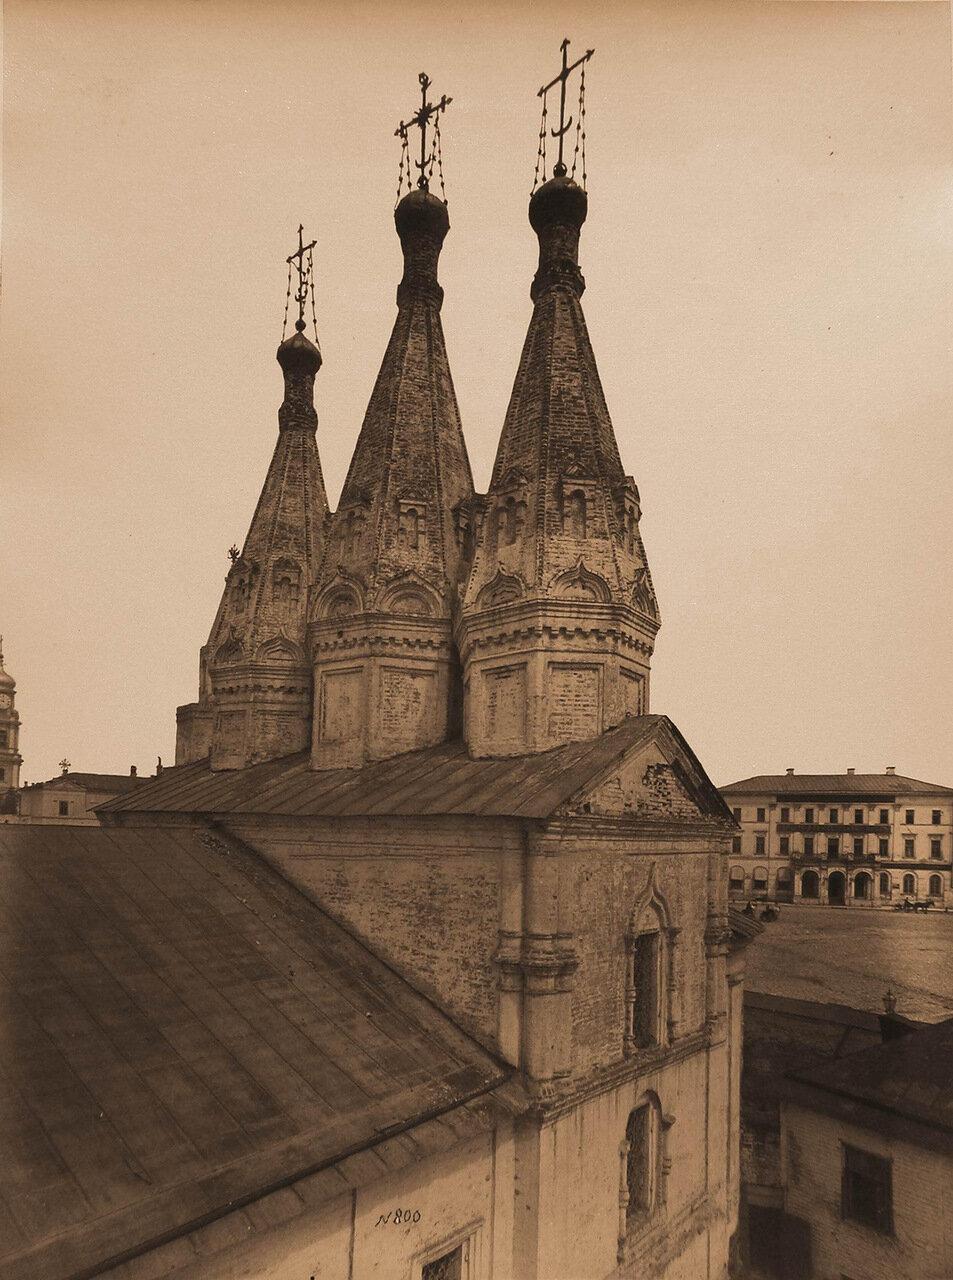 Вид на шатровые главы собора в монастыре Иоанна Предтечи